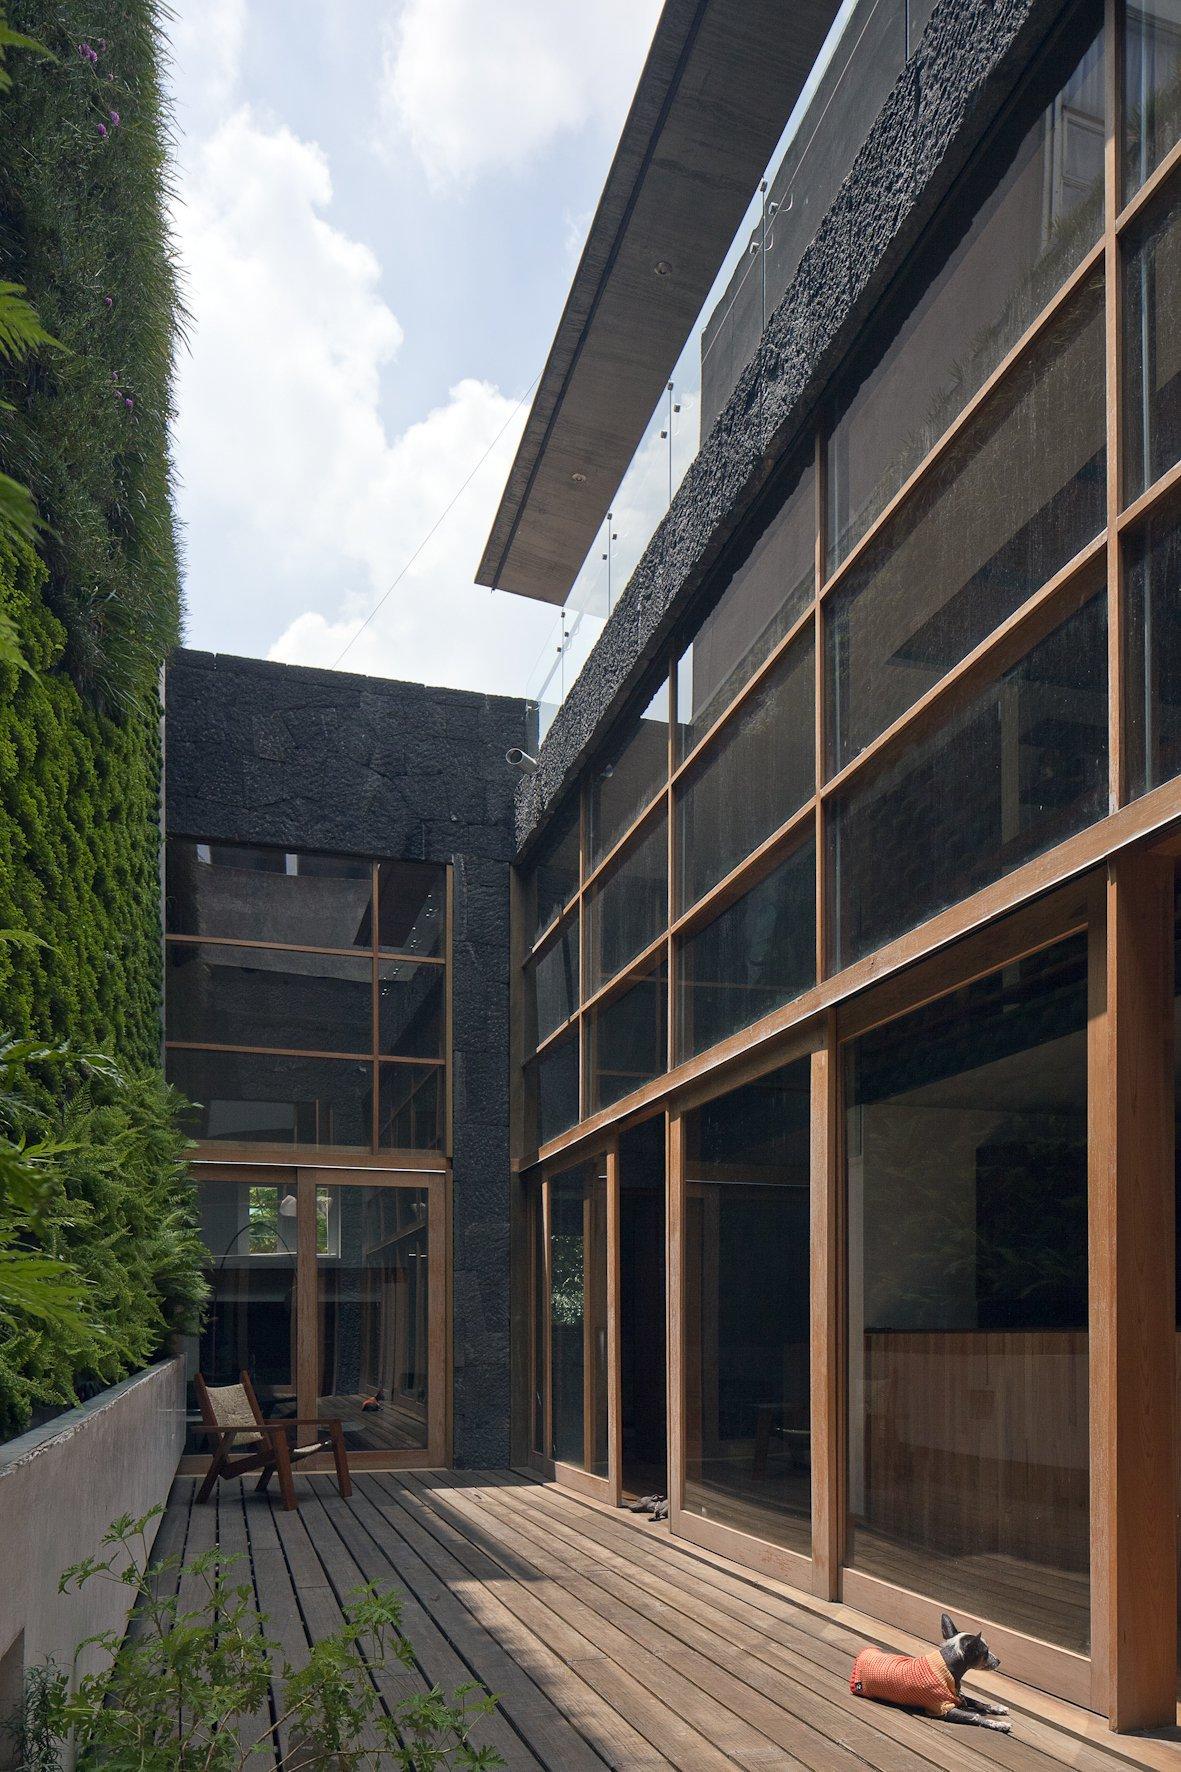 Galer a de zamora 63 tae arquitectos 14 - Arquitectos en zamora ...